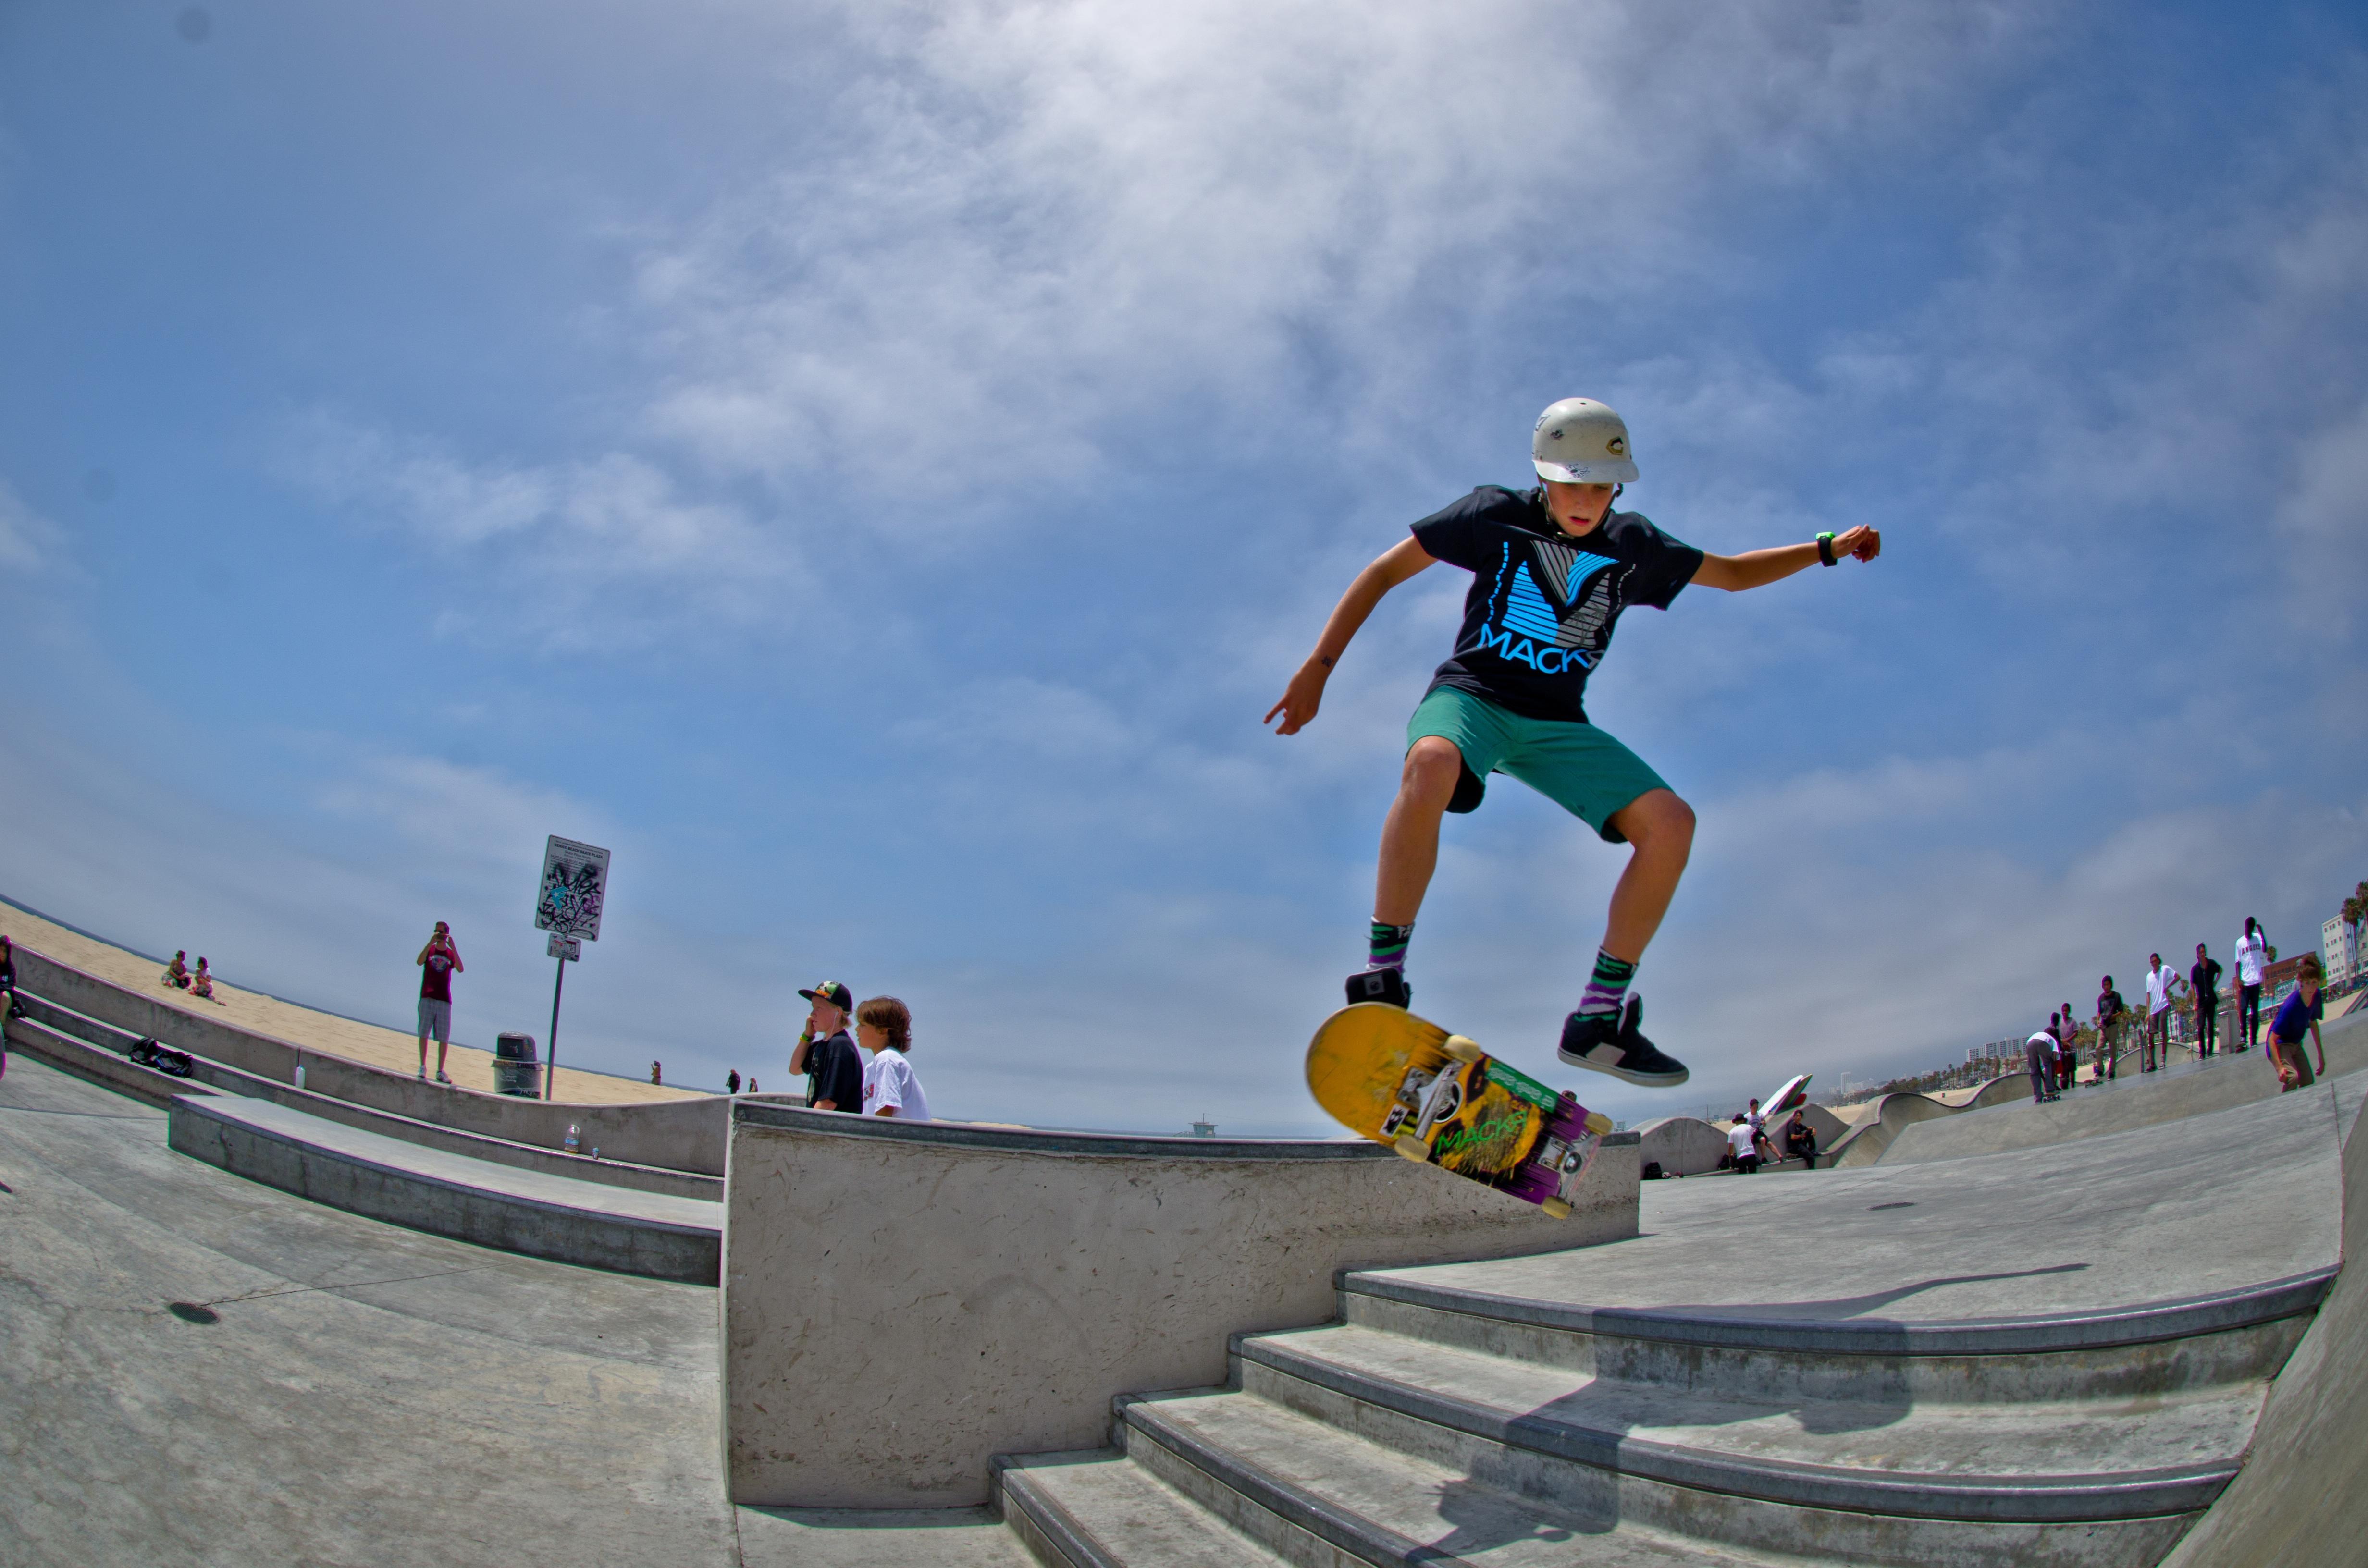 free images skateboard boy jump extreme sport skate park